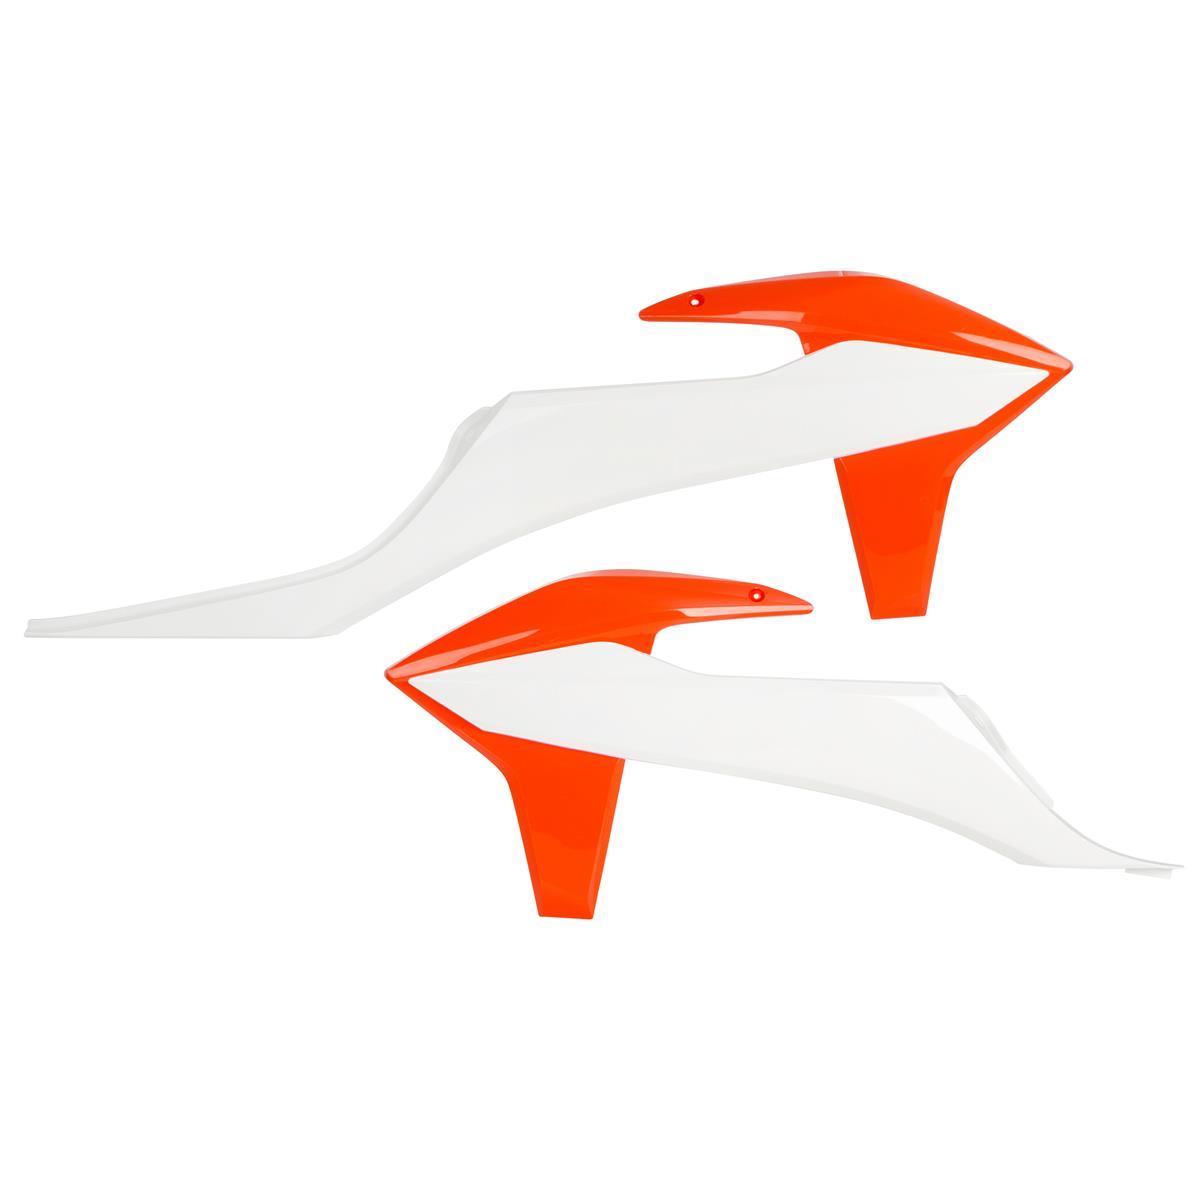 Acerbis Kühlerspoiler  KTM SX/SX-F 19-20, EXC/EXC-F '20, Weiß/Orange